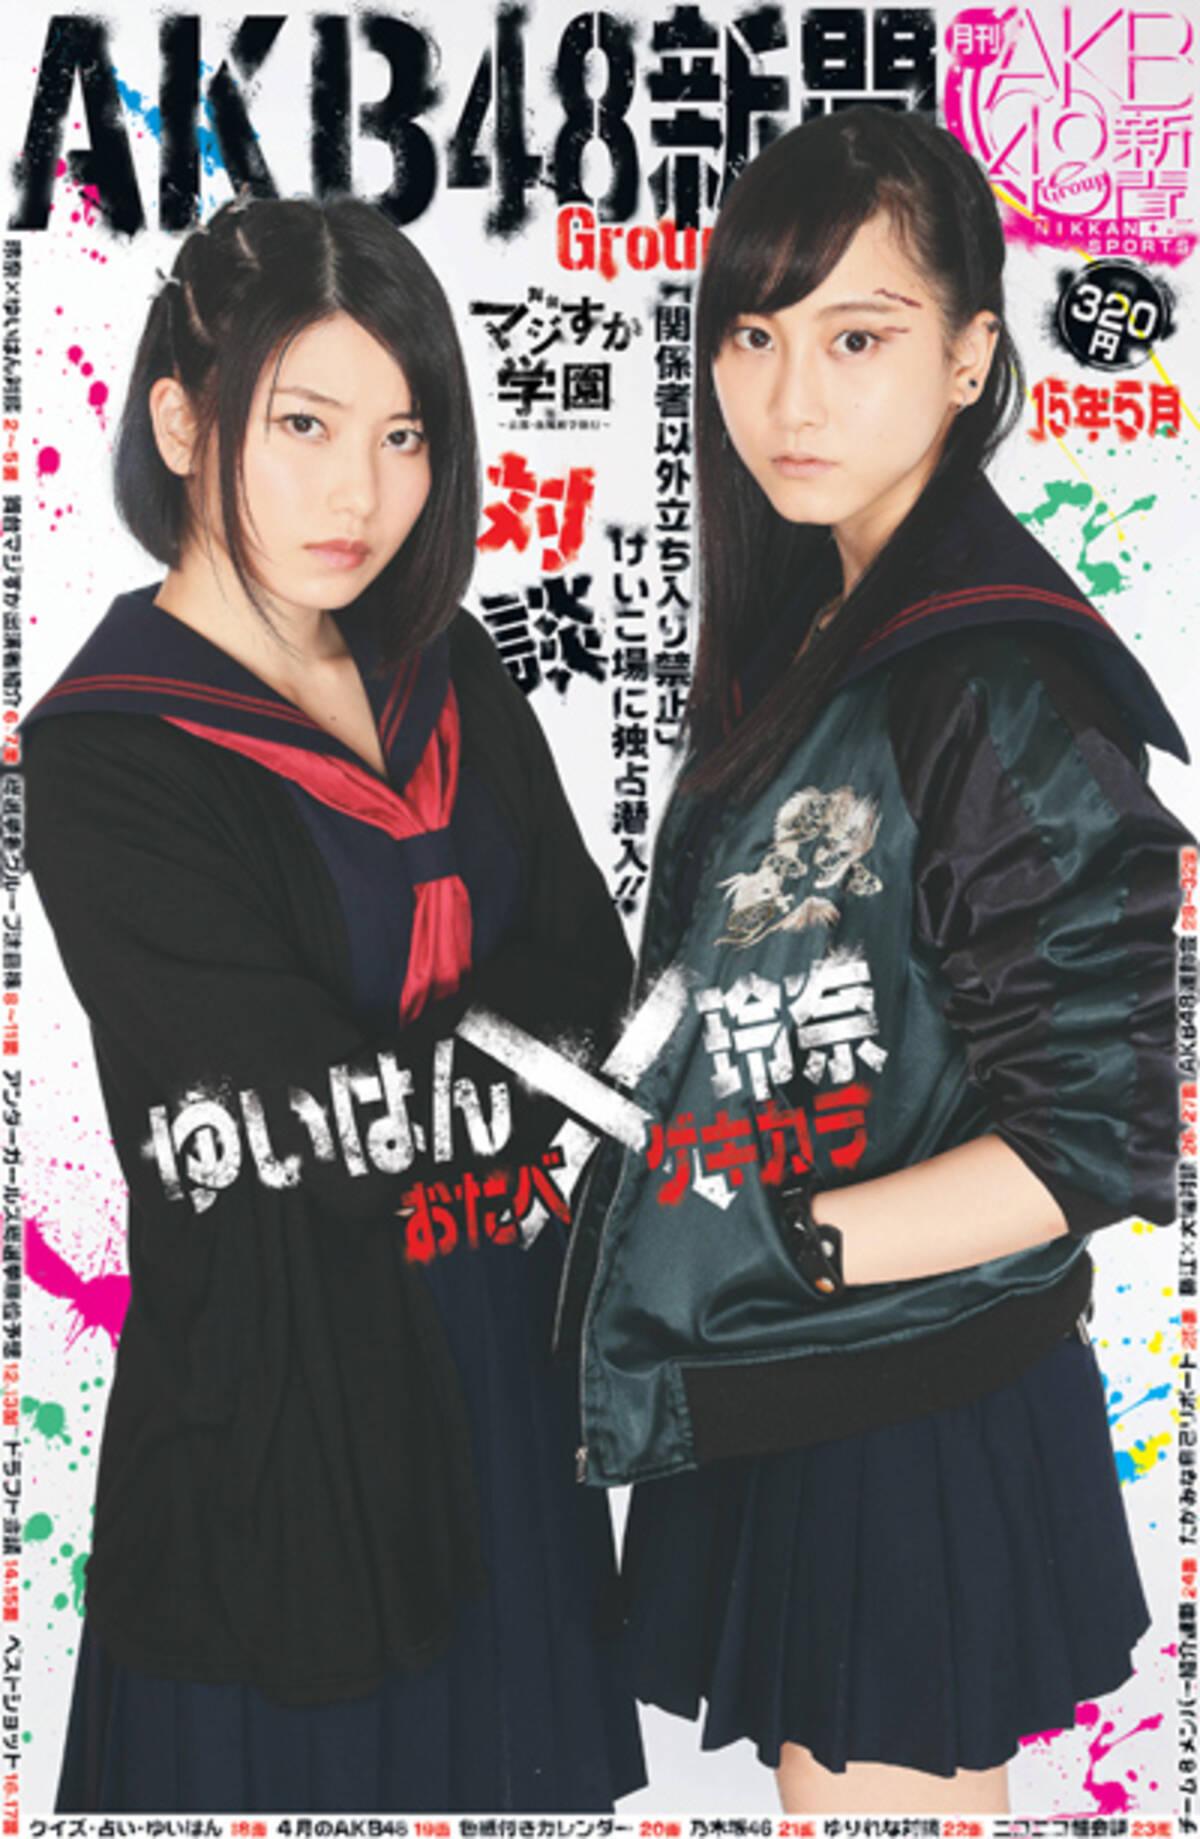 松井玲奈 Akb48の横山由依主演 マジすか学園 京都 血風修学旅行